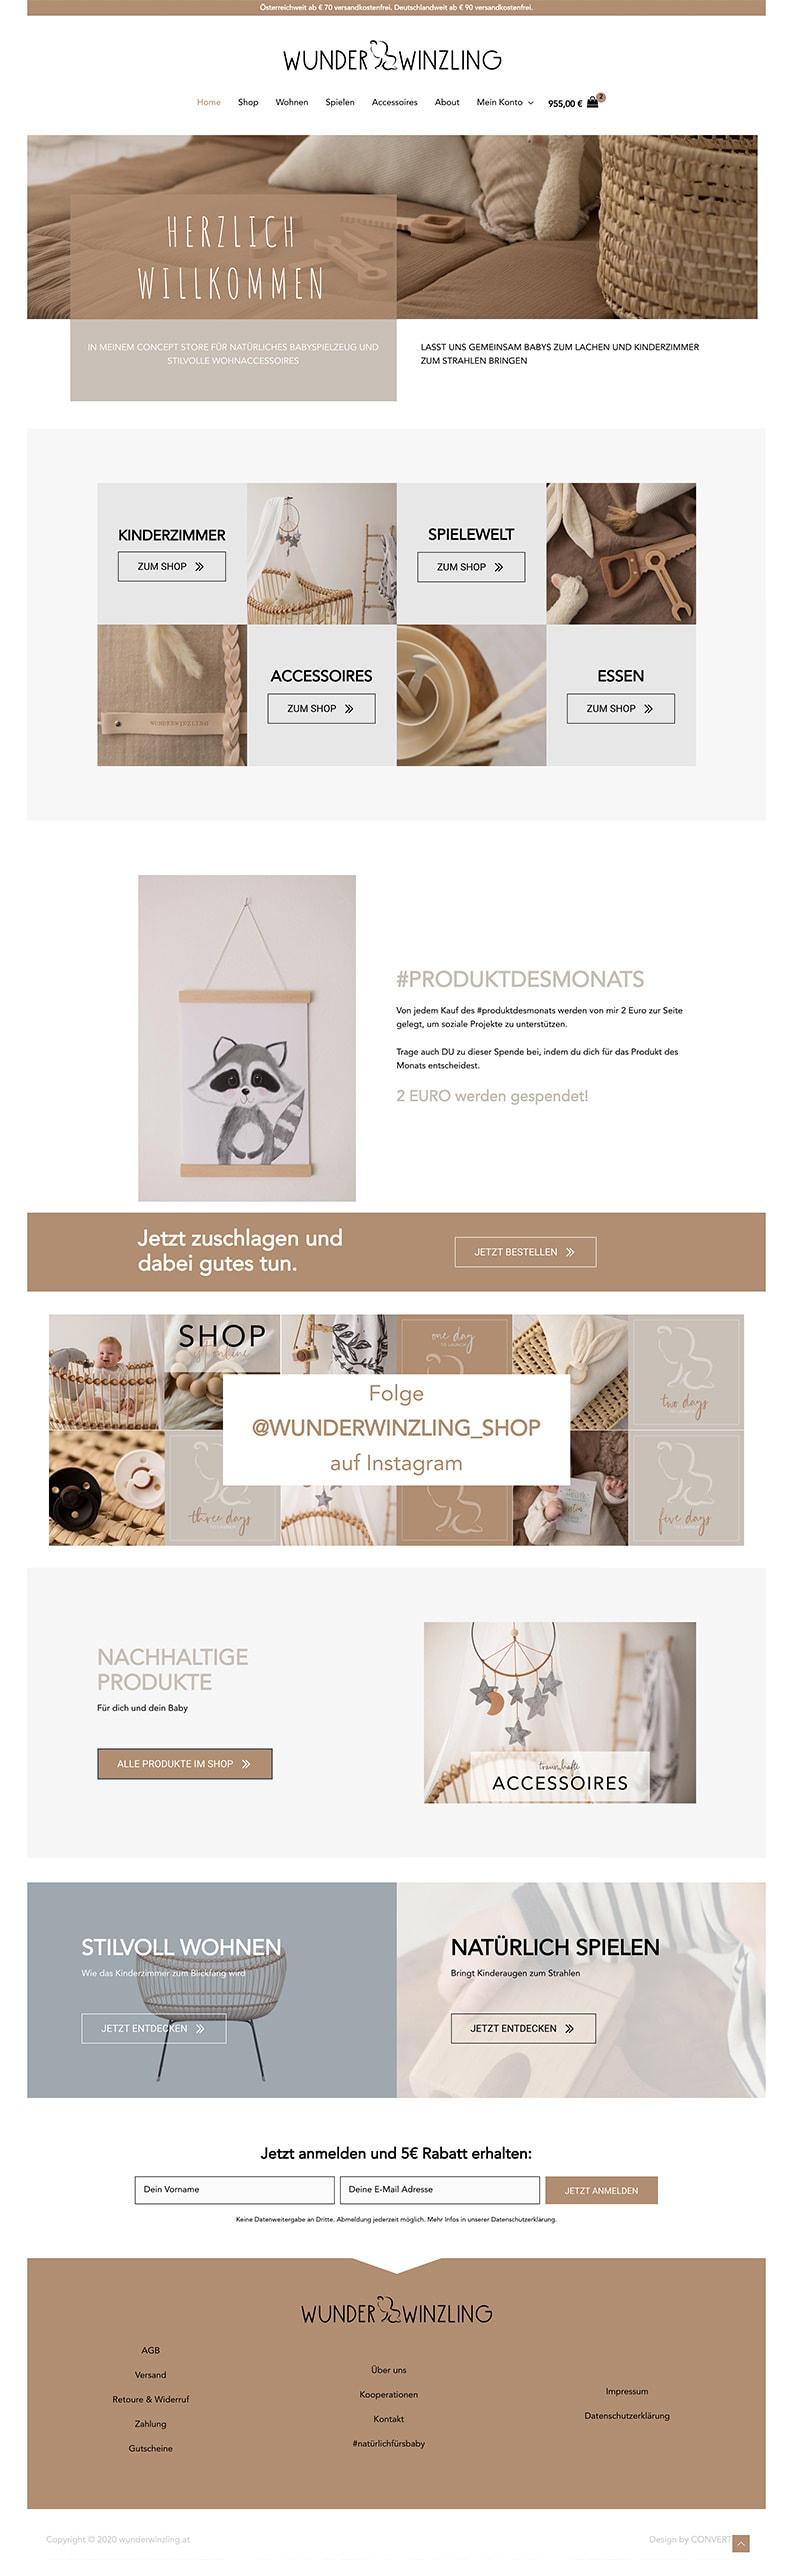 Webdesign Online Shop Wunderwinzling Startseite